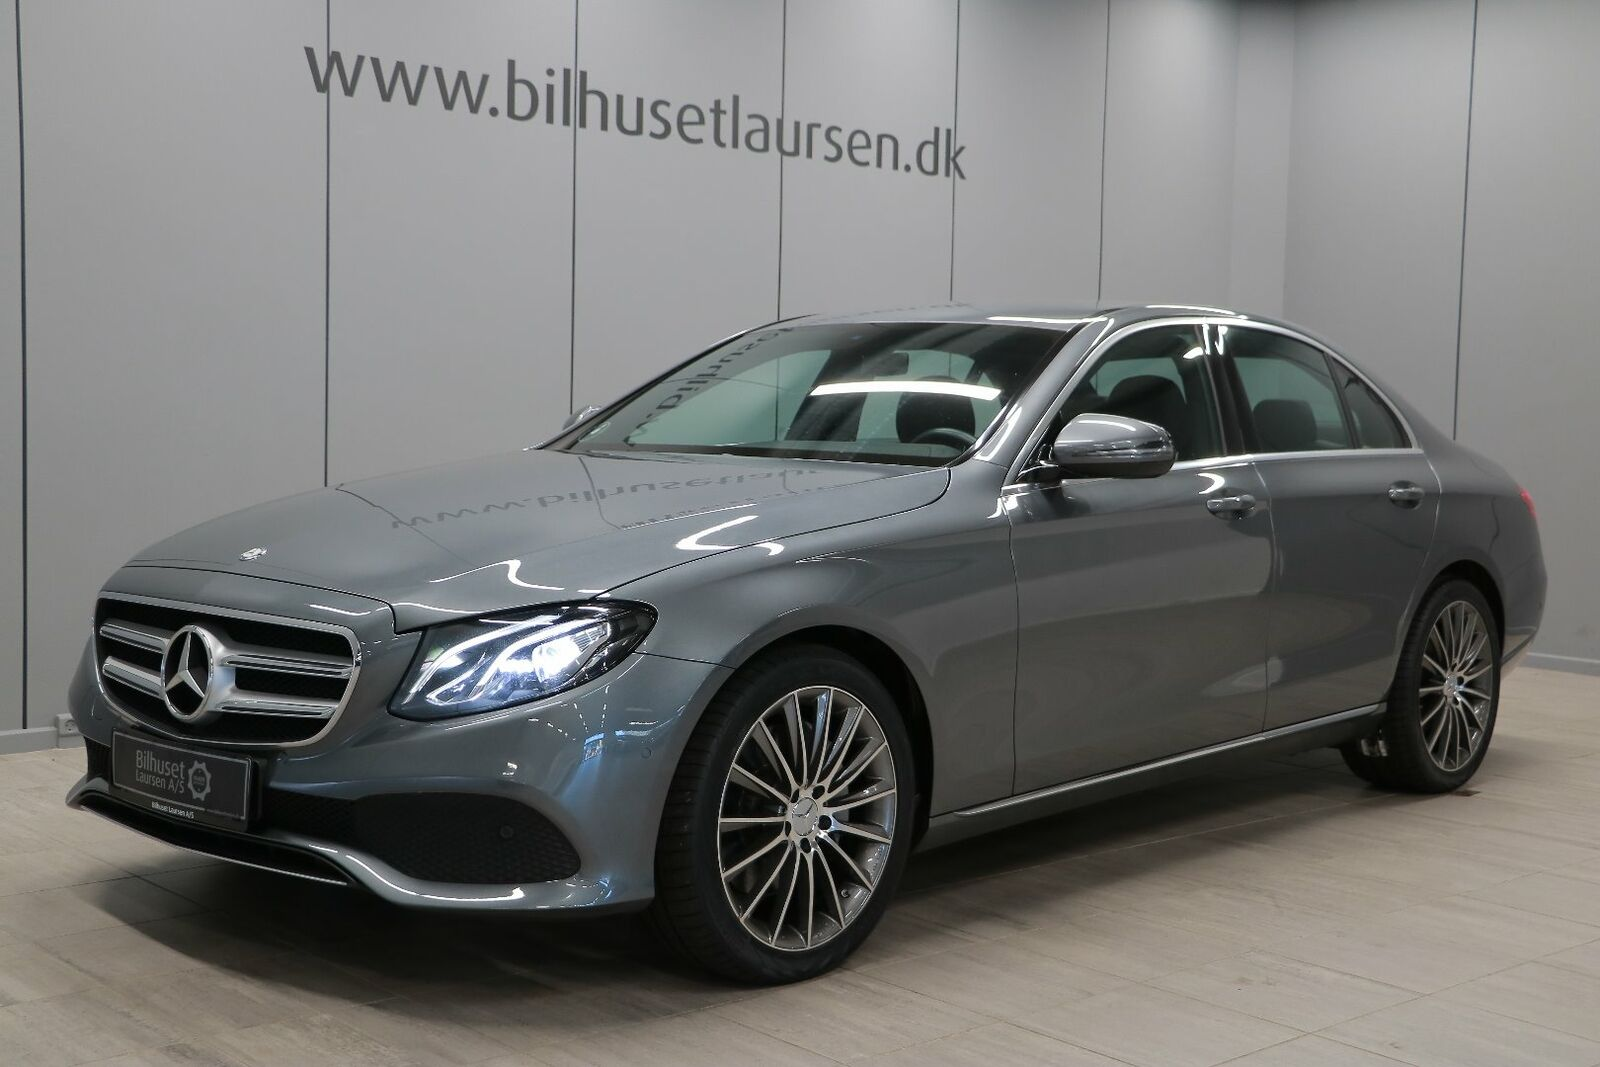 Mercedes E350 d 3,0 Avantgarde aut. 4d - 524.900 kr.